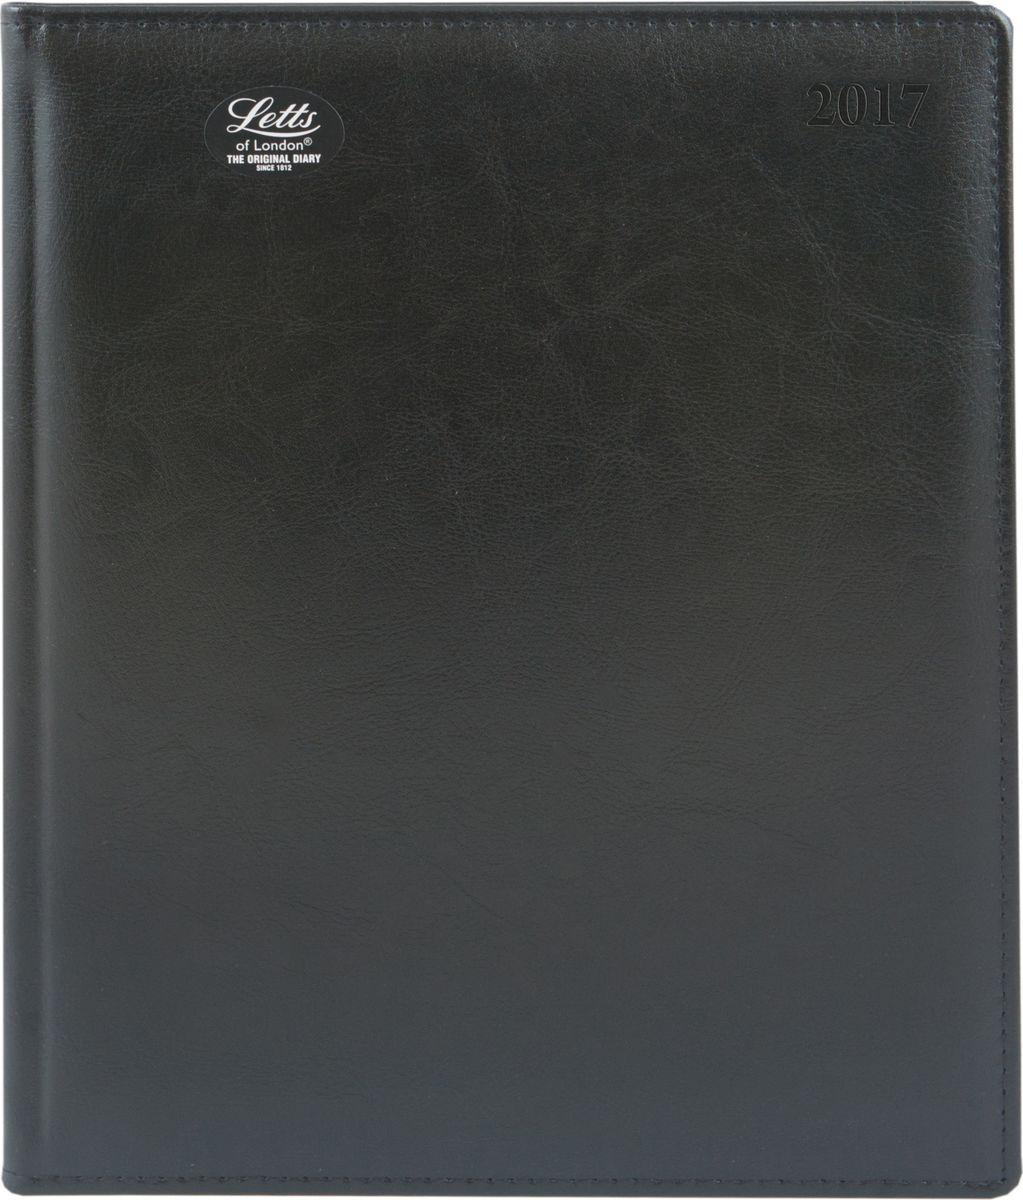 Letts Ежедневник Global Deluxe Ibiza 2017 датированный 64 листа цвет черный формат A472523WDУтонченный ежедневник Letts Global Deluxe Ibiza 2017 - идеально подойдёт настоящим ценителям английской классики.Ежедневник выполнен в твердом переплете из нежнейшей натуральной кожи черного цвета. Позолоченный срез страниц, шелковая закладка-разделитель и перфорированные уголки подчеркнут респектабельный стиль владельца.Каждая страница ежедневника имеет почасовую и календарную нумерацию. На каждый час отведено по 2 строчки, а в верхней части страницы расположены пустые столбики для самых разнообразных заметок. На первых и последних страницах ежедневника представлен информационный блок. Он включает национальные праздники, календарь с 2016 по 2021 год, график отпусков, международные торговые выставки, часовые пояса, международные коды. Также в блок информации входят меры длины веса и других величин, размеры одежды, телефонная книга и цветная карта мира.Ежедневники Letts Global Deluxe Ibiza 2017 - это солидность, стиль, респектабельность и оригинальность.